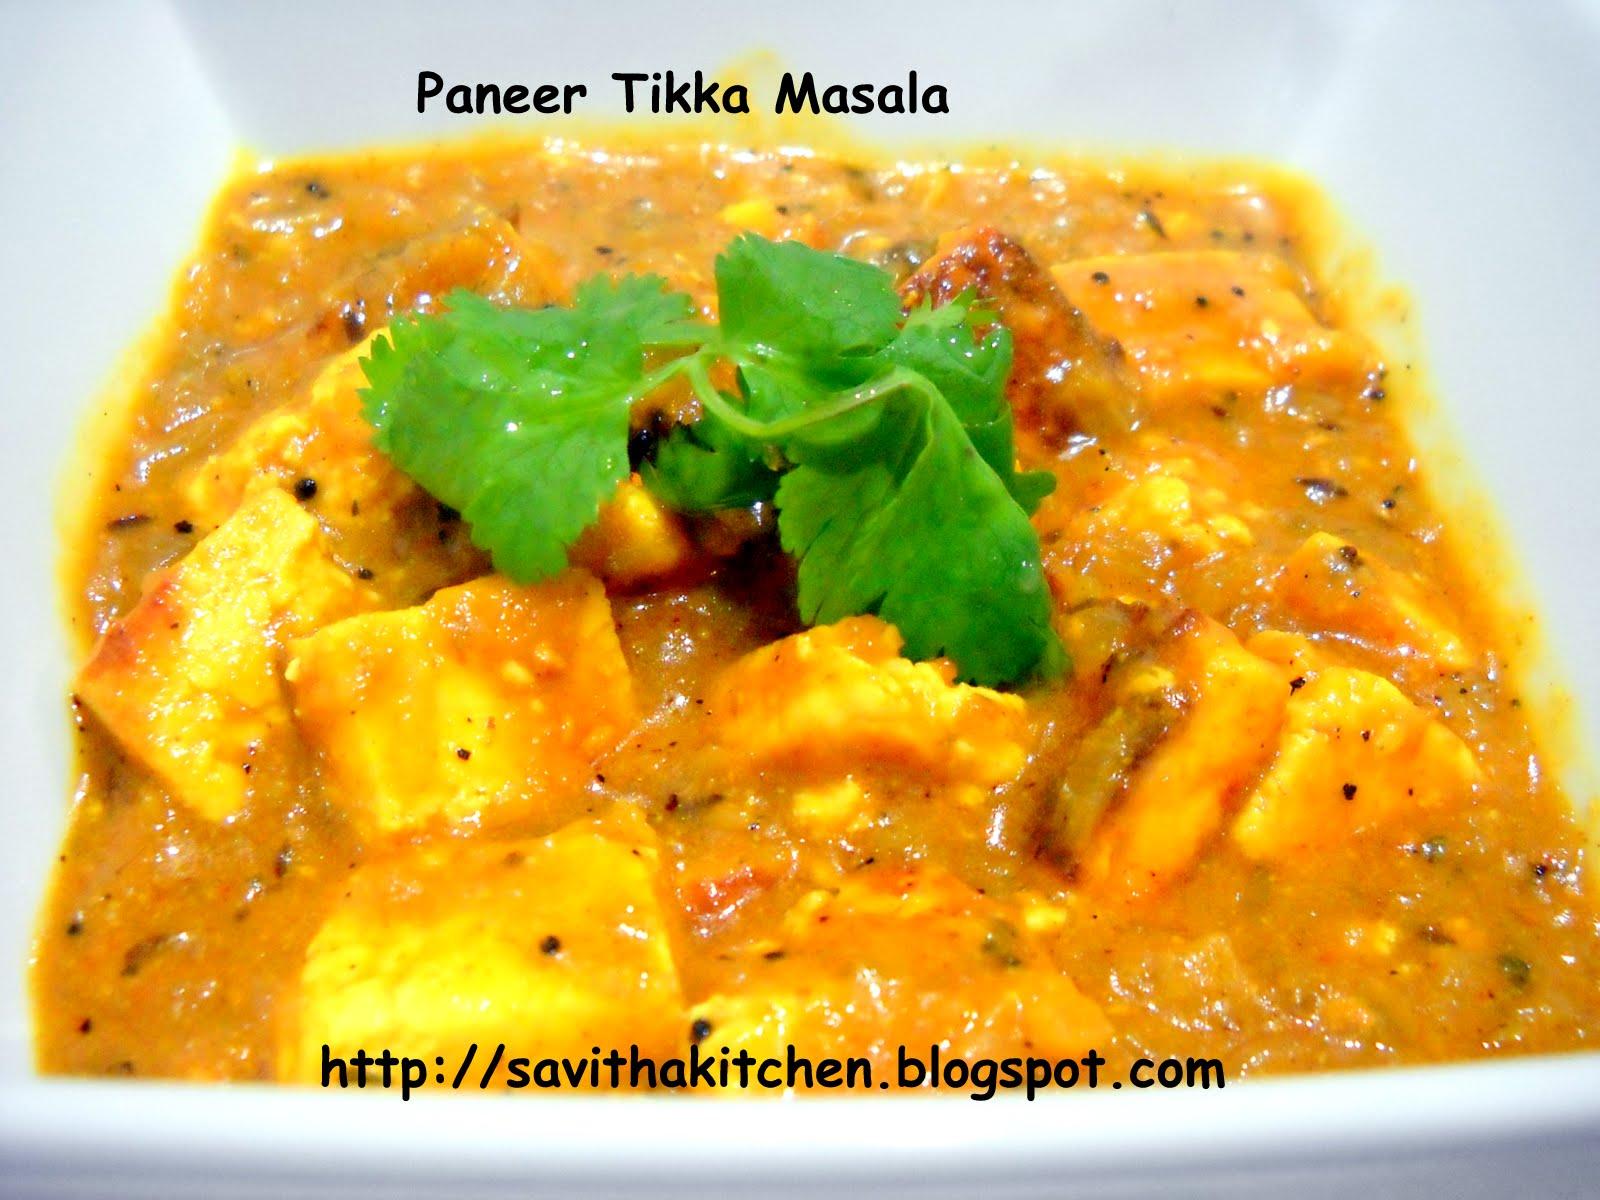 Savitha's Kitchen: Paneer Tikka Masala